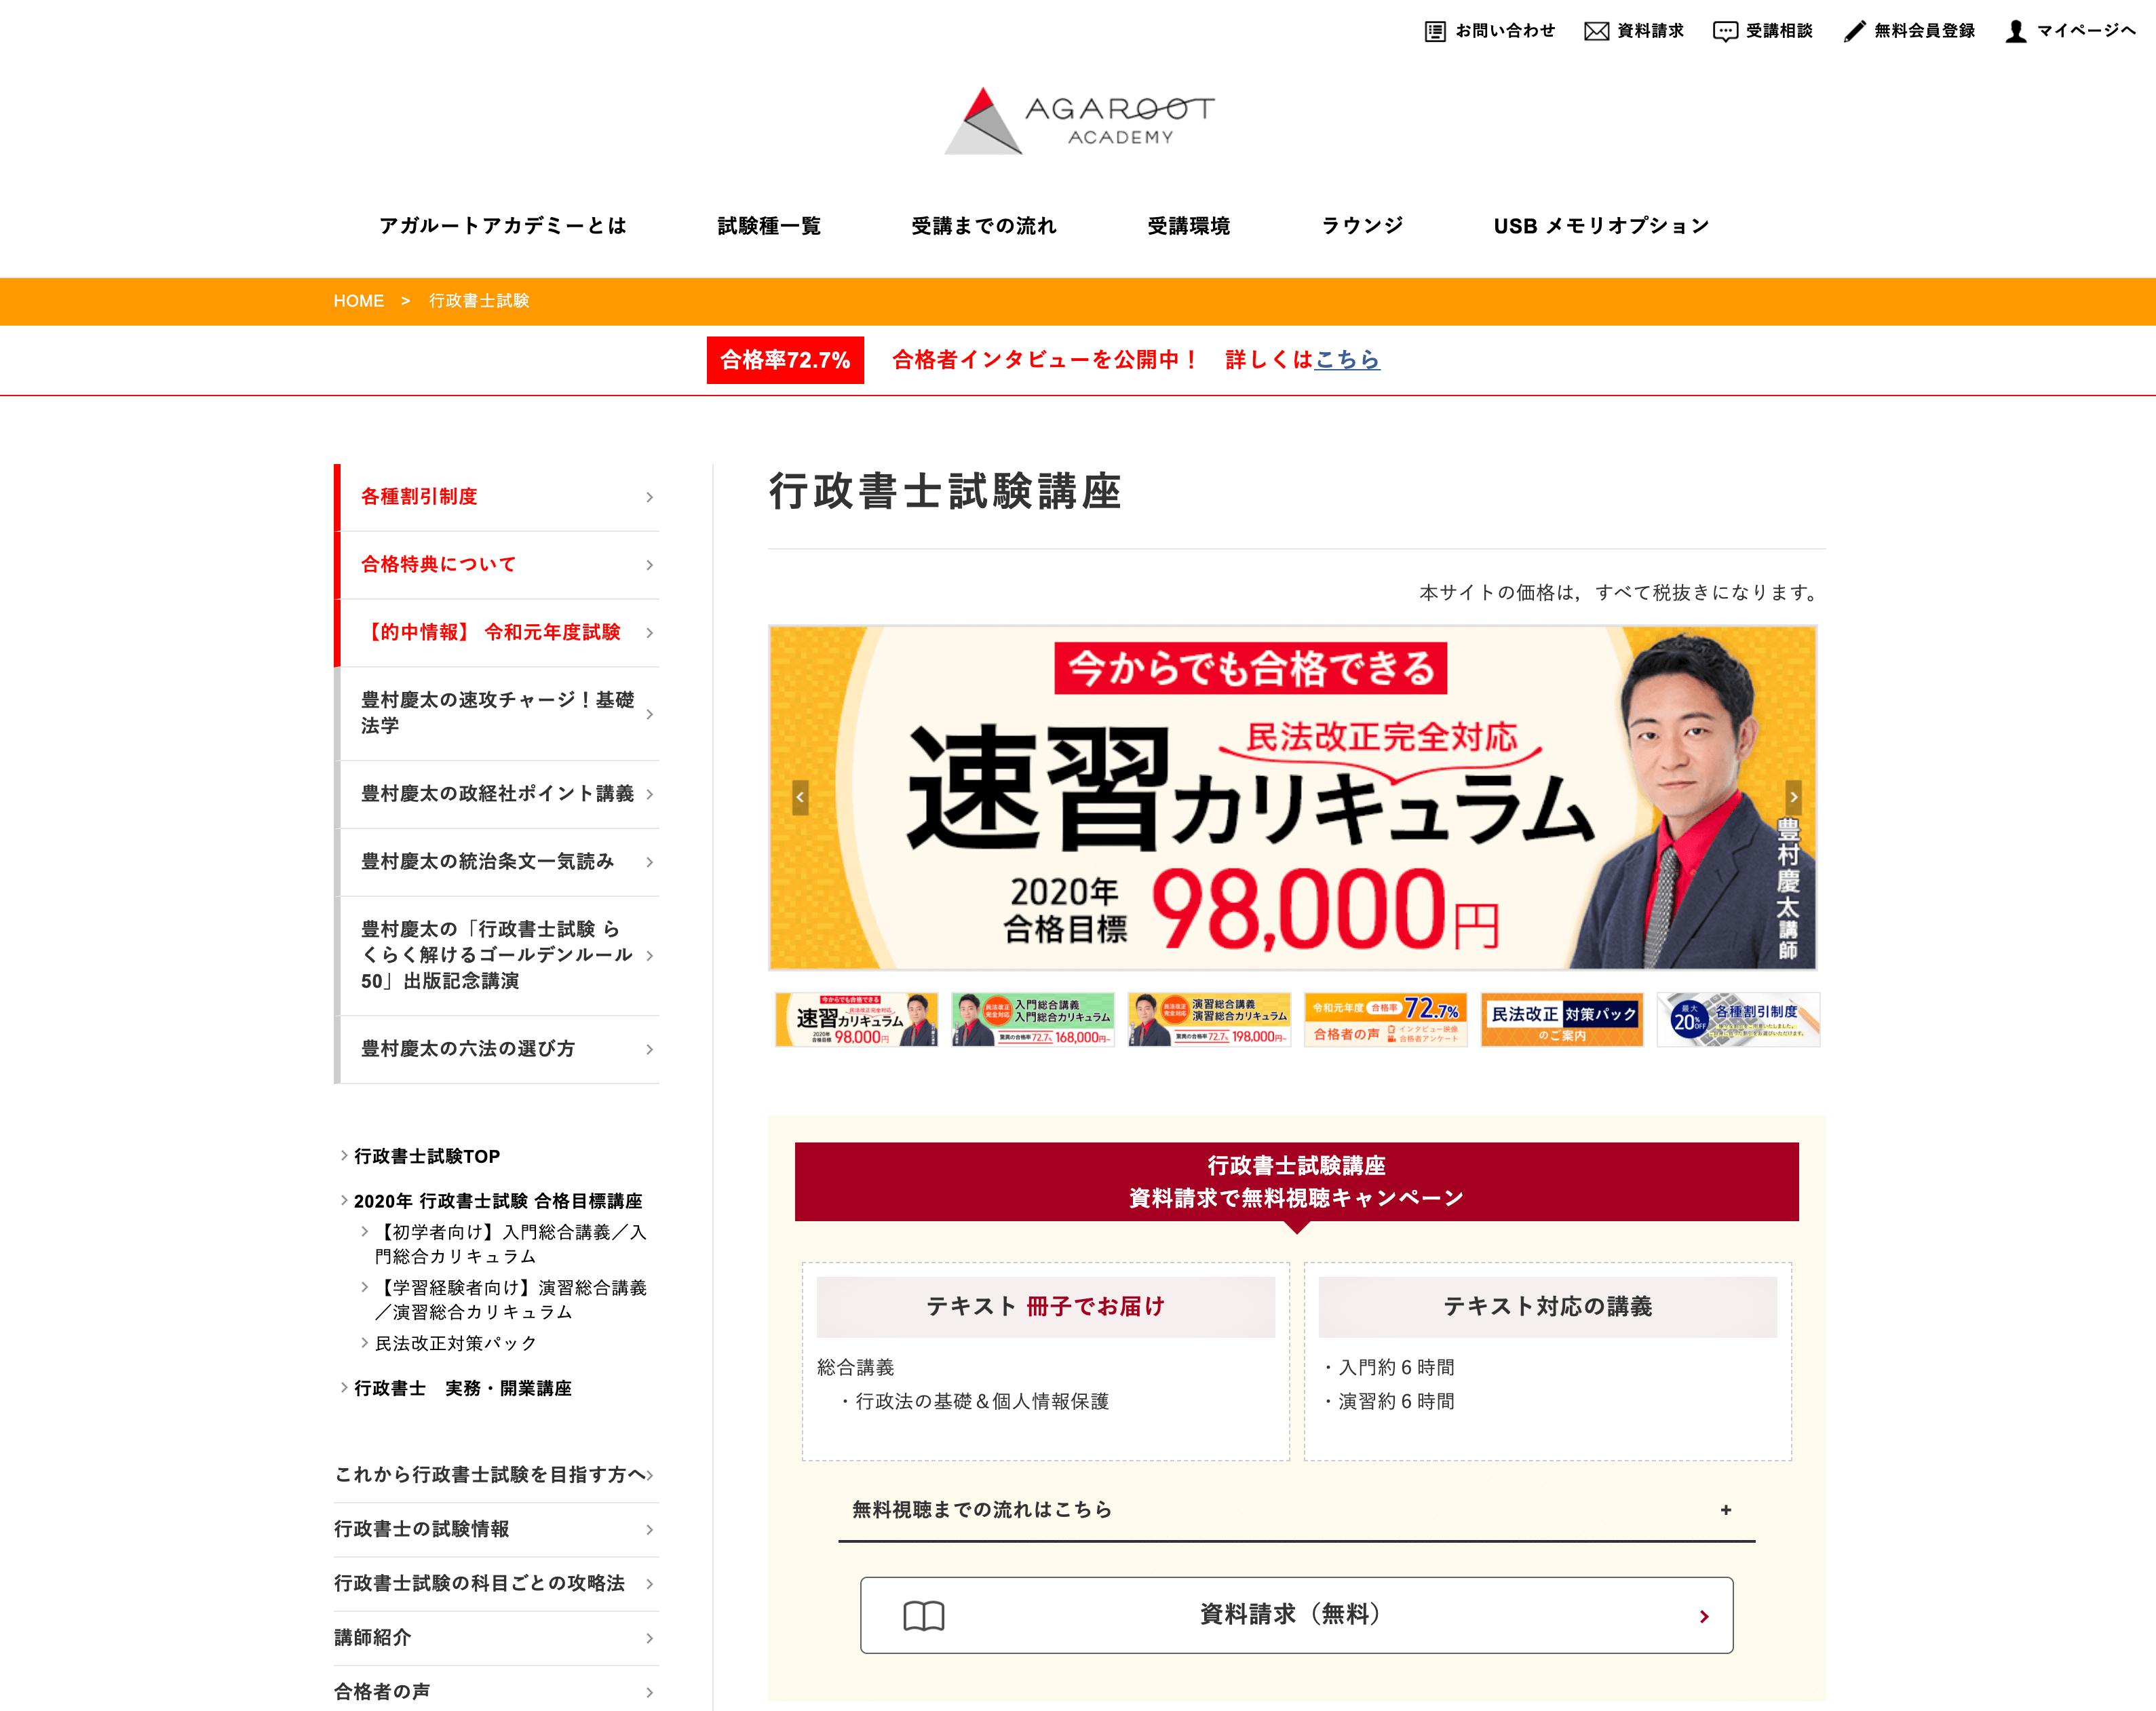 アガルート 行政書士試験講座